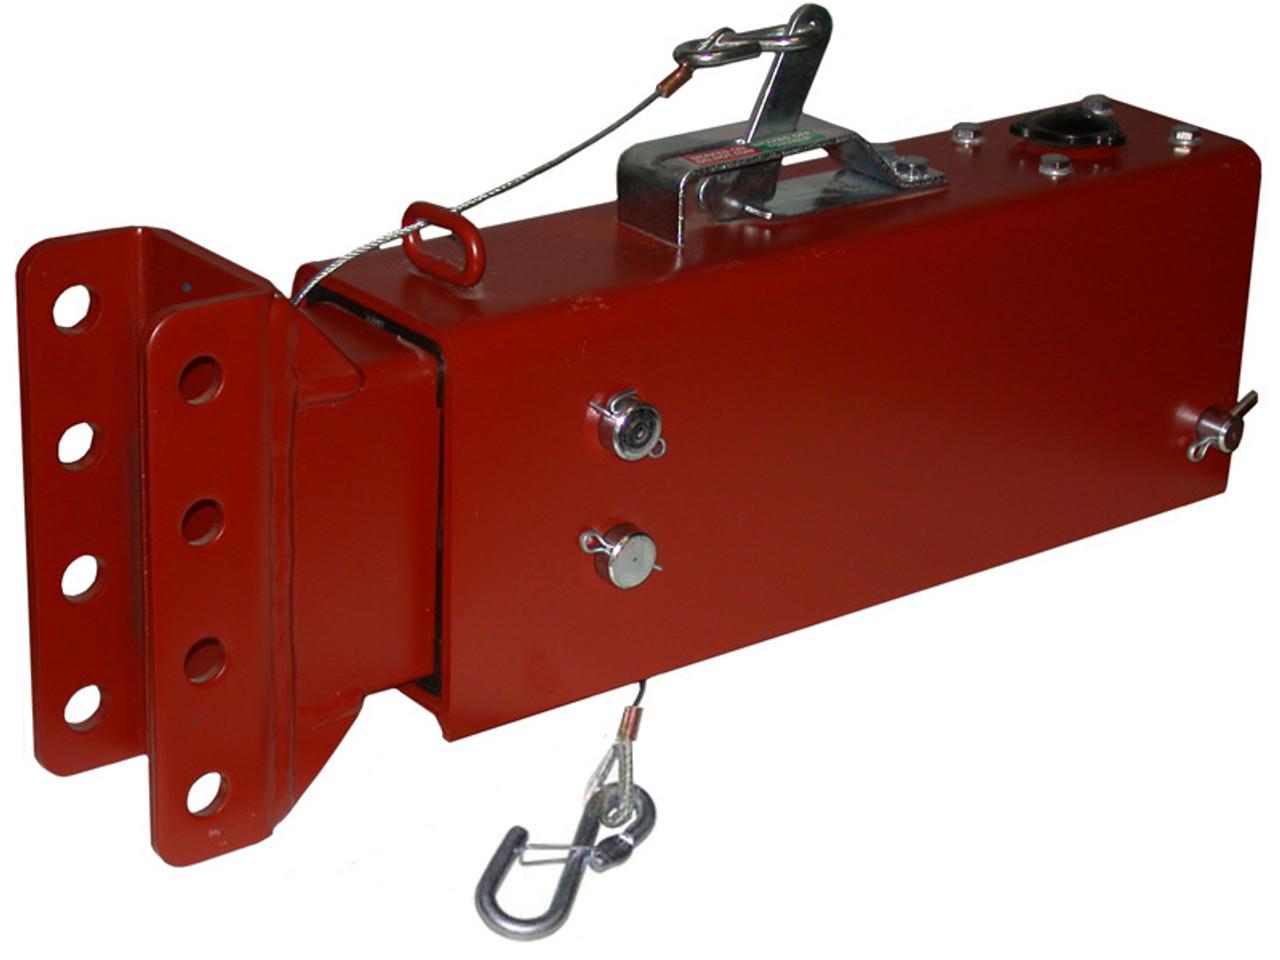 DA1002 --- Demco Hydraulic Brake Actuator with Centered Channel - 12,500 lb Capacity - Model DA10